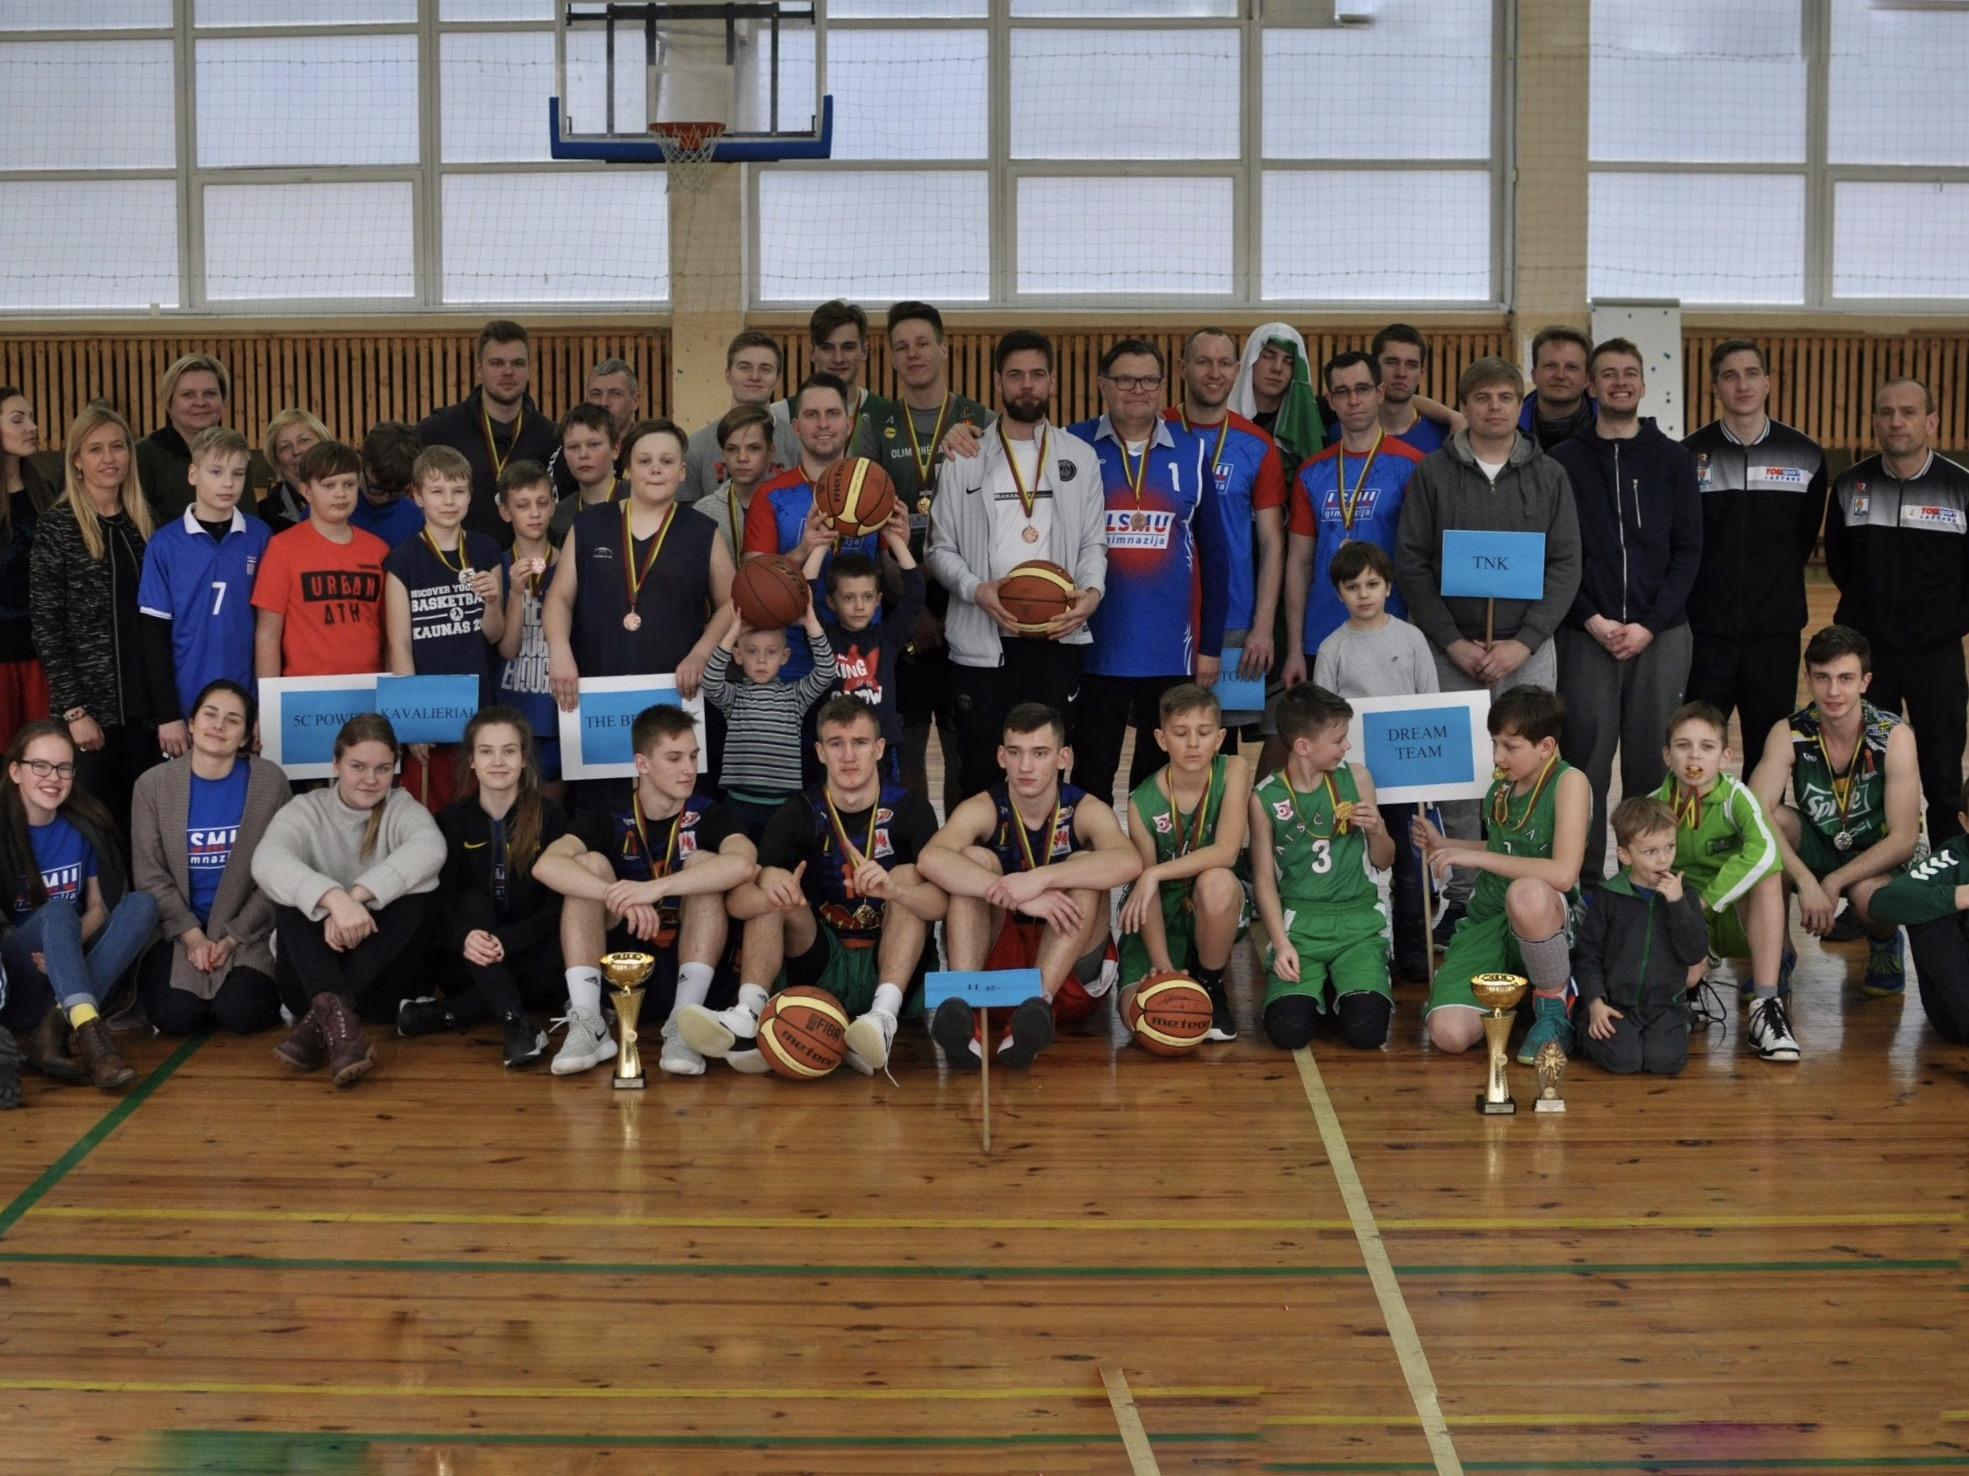 Bendruomenės 3×3 krepšinio turnyras